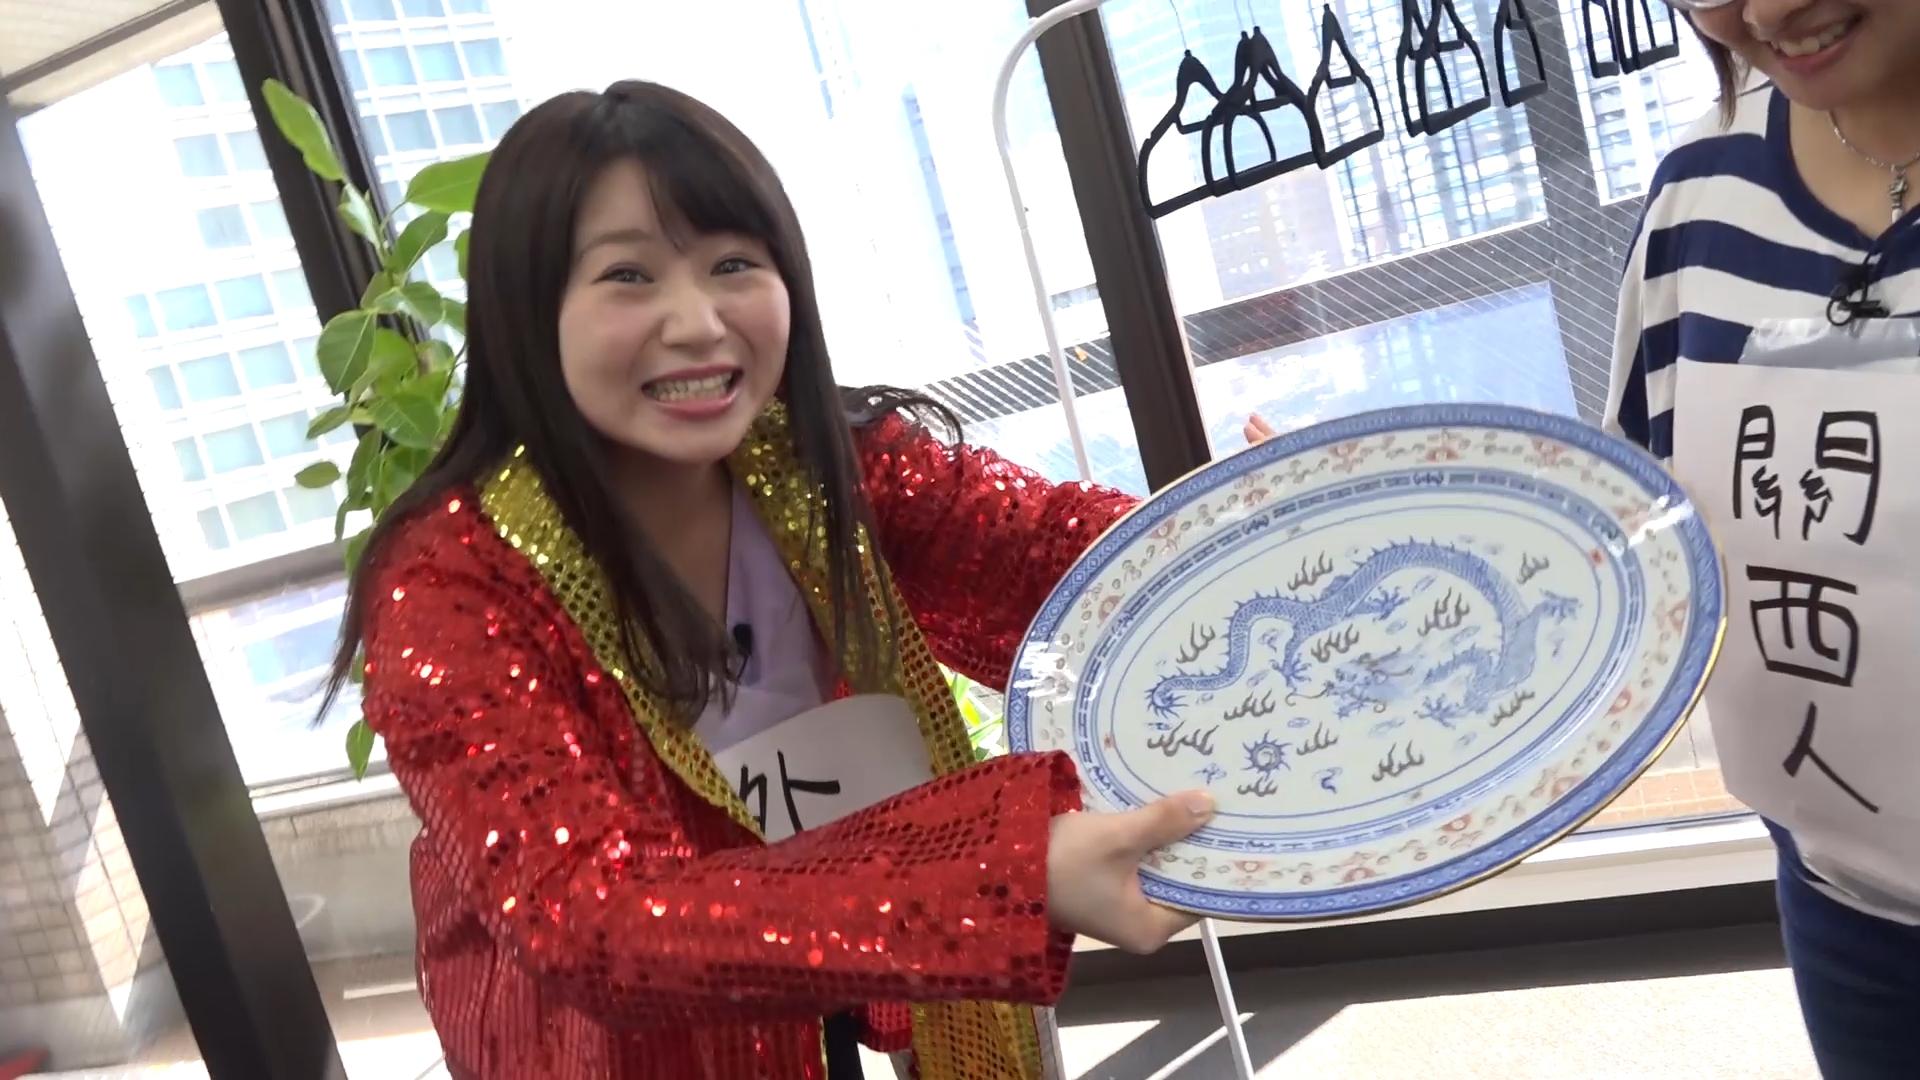 関西で買い物するなら!ぜひ覚えておきたい関西弁「さら」